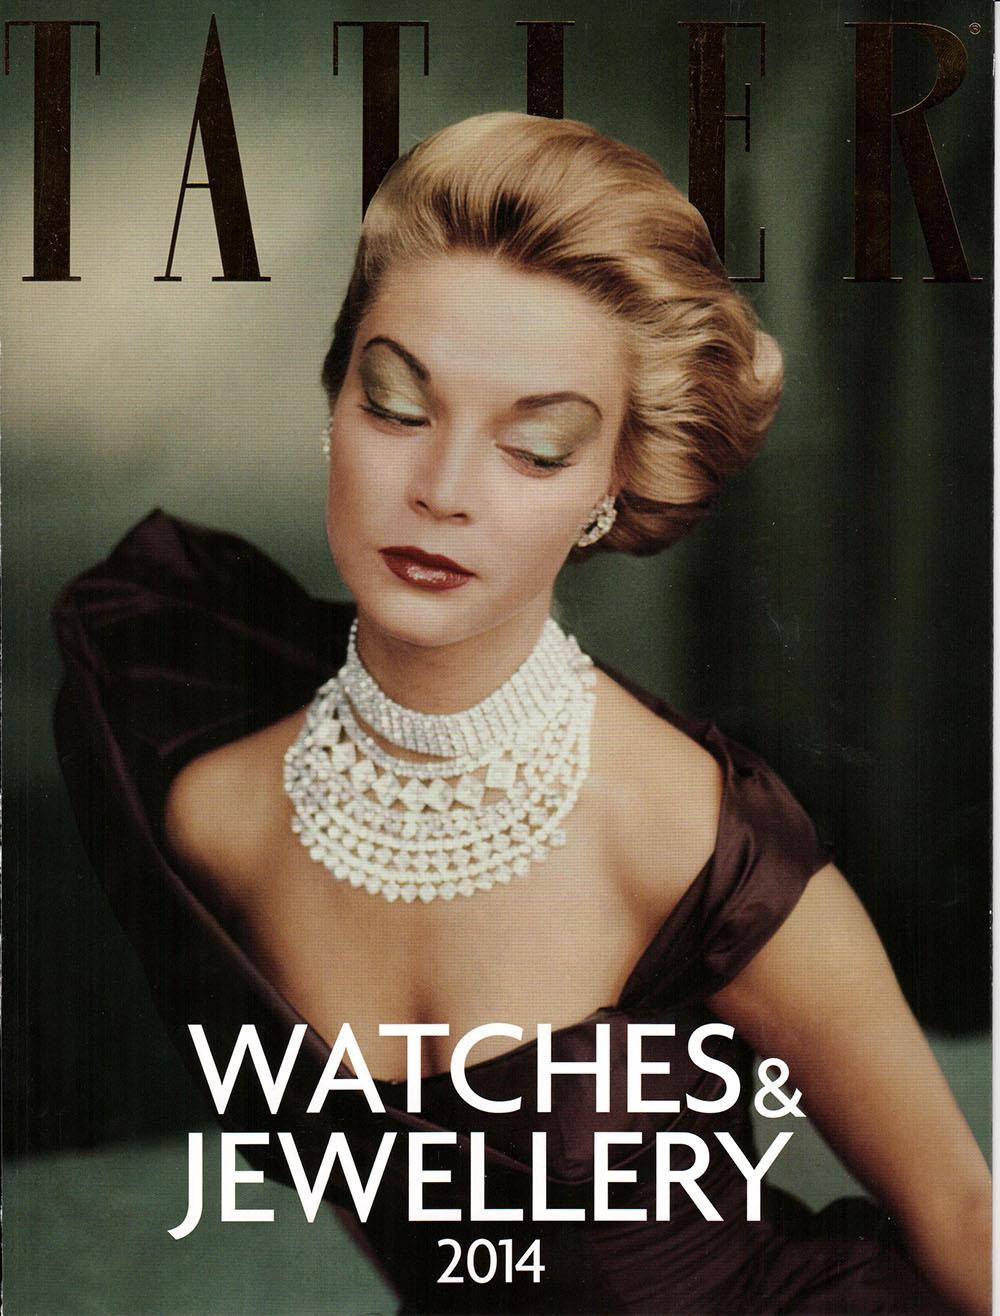 Tatler J&W 2014 cover.jpg